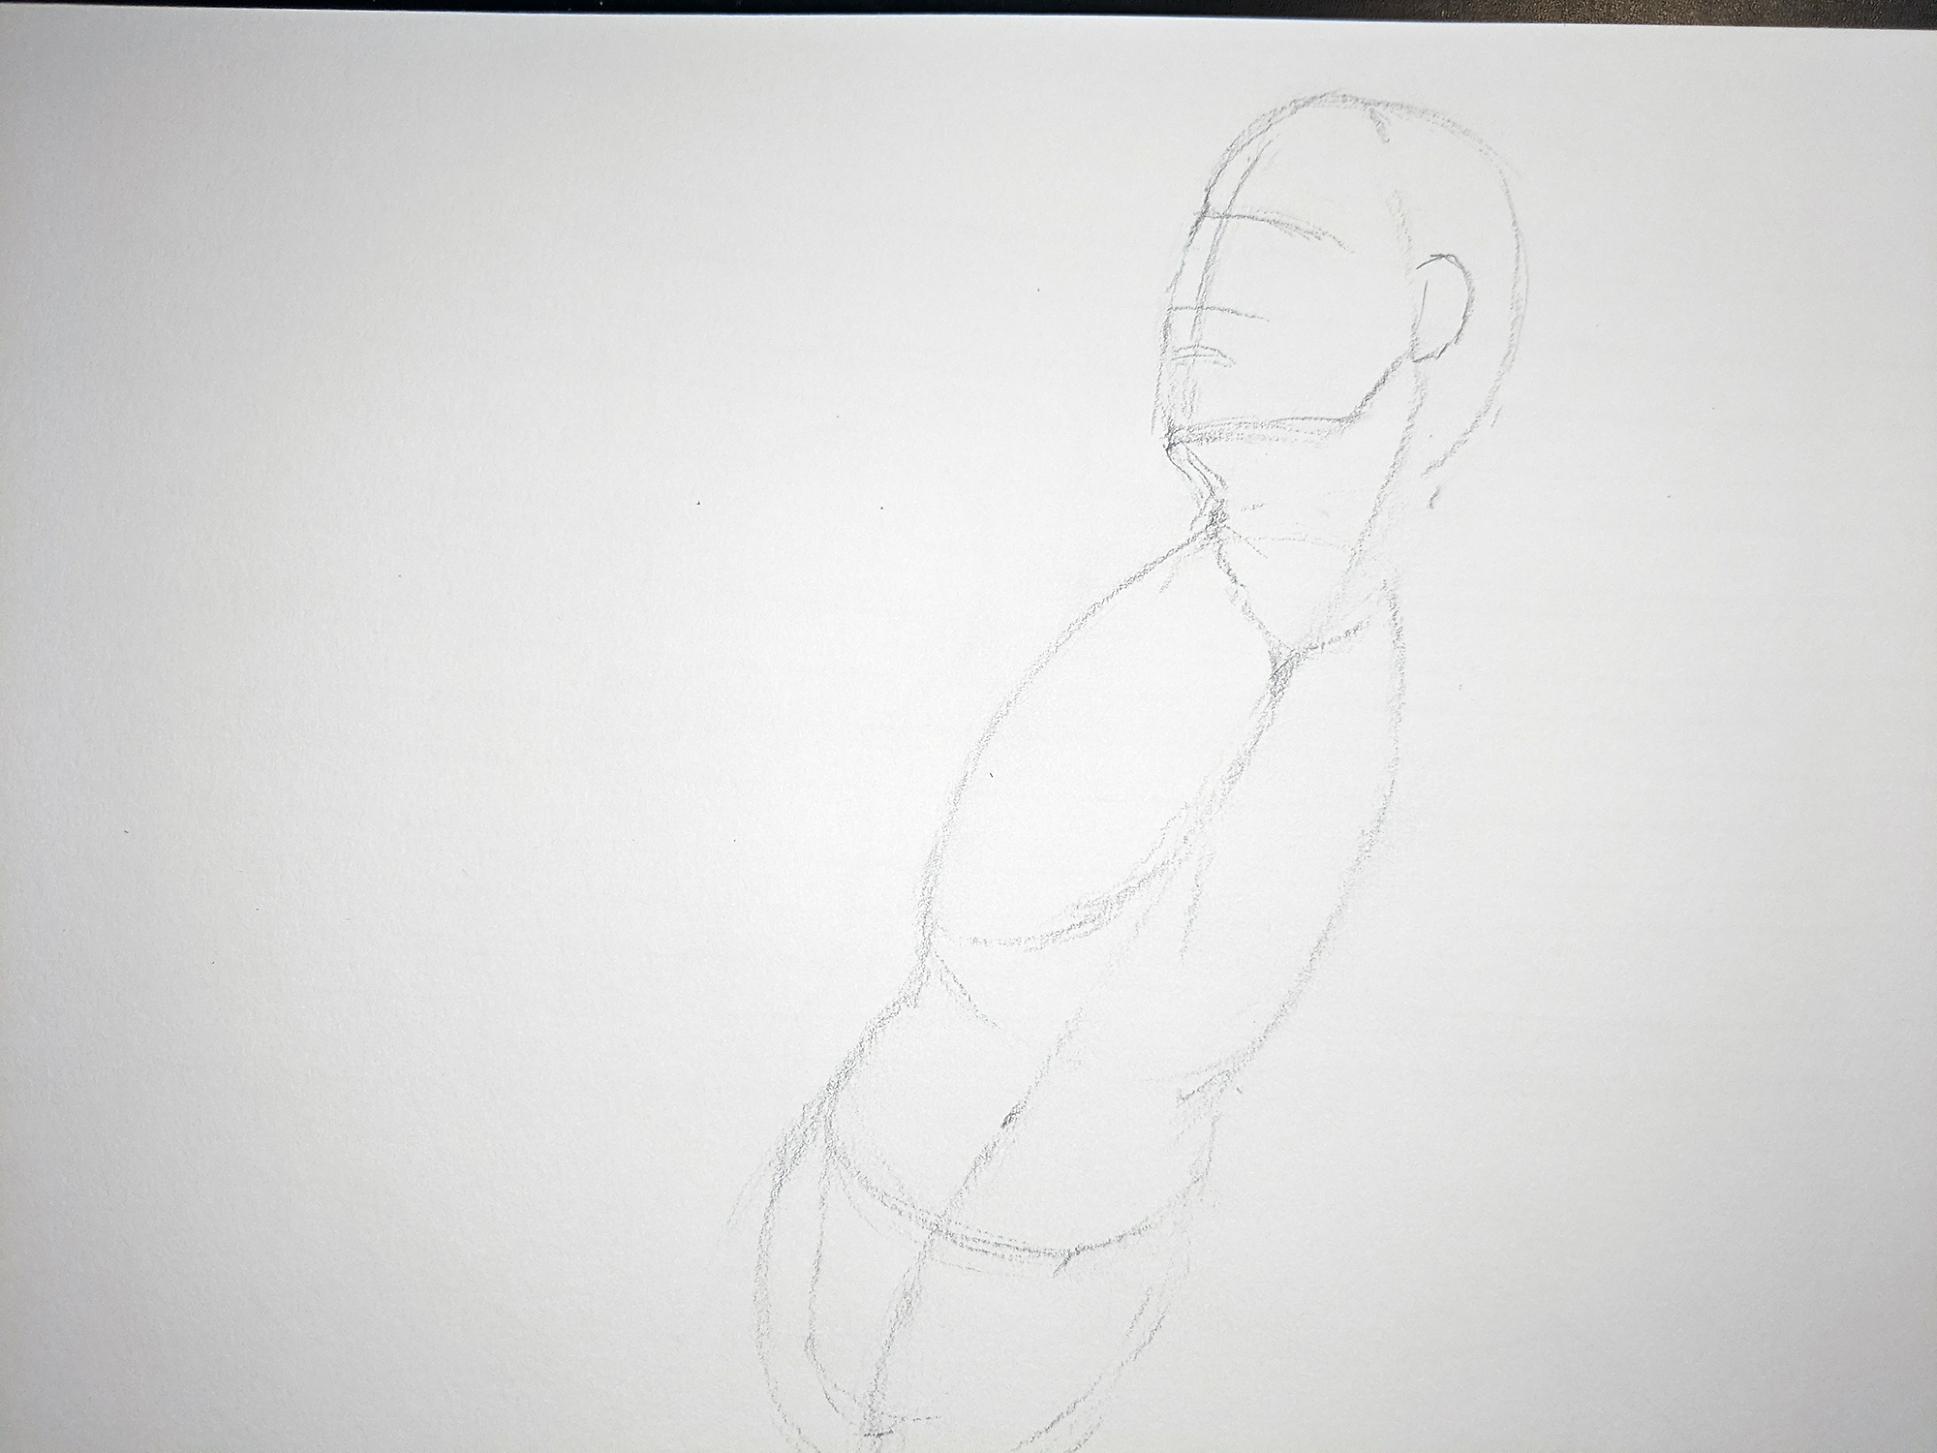 Körper und Kopf